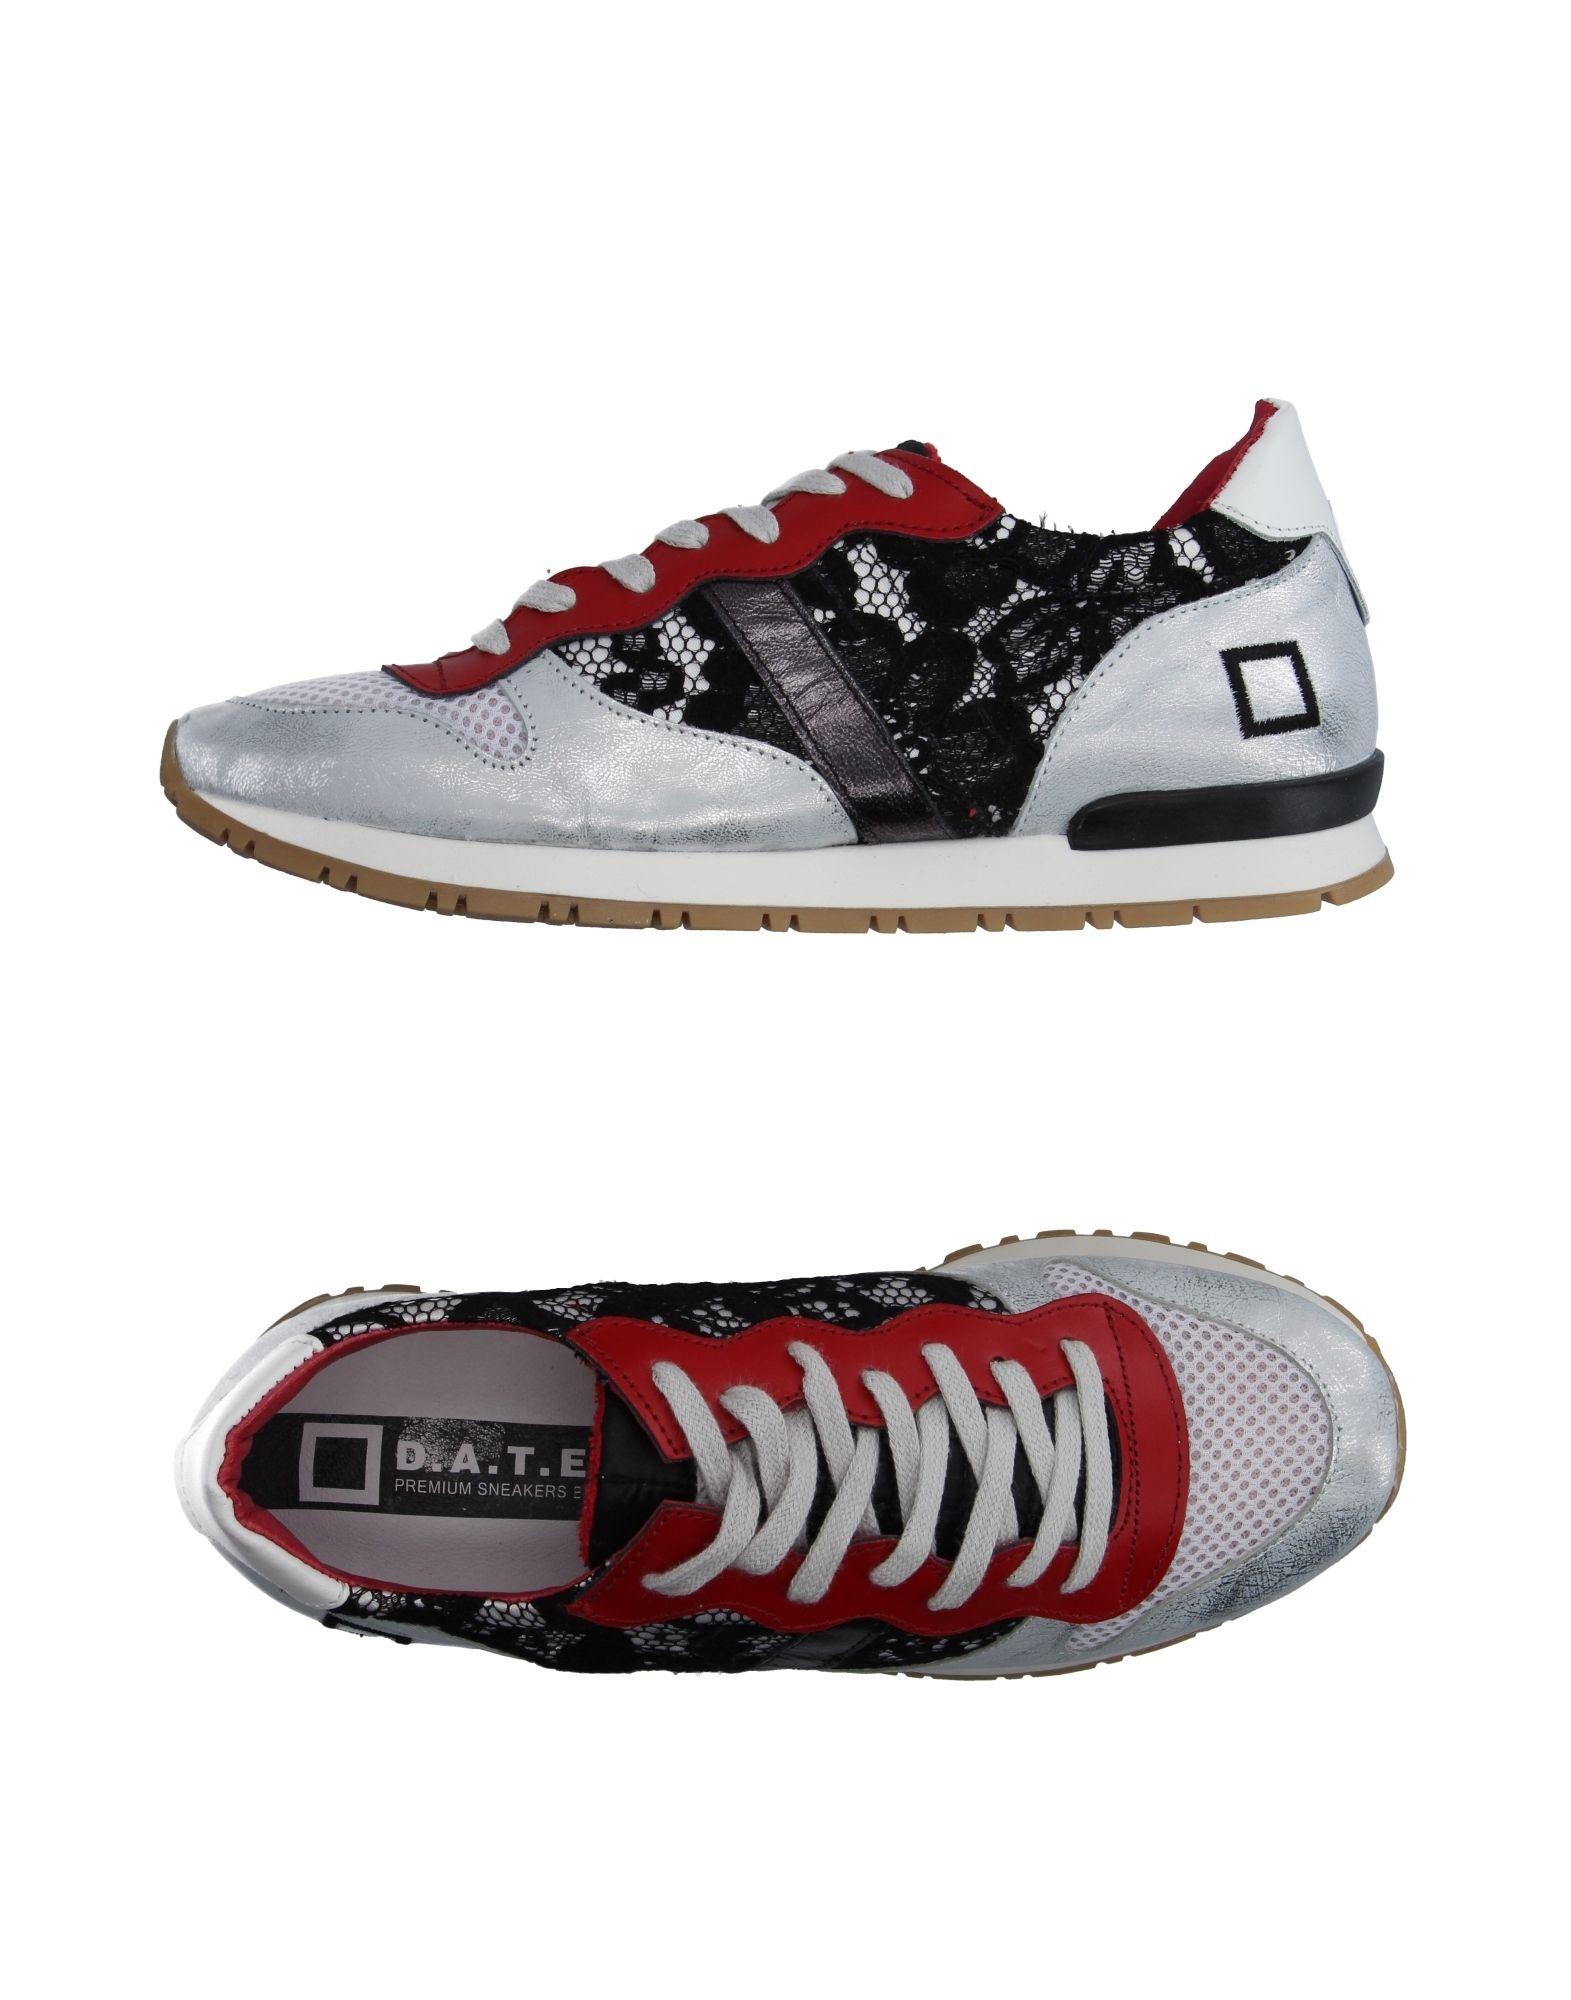 D.A.T.E. Sneakers Damen  11122824DX Gute Qualität beliebte Schuhe